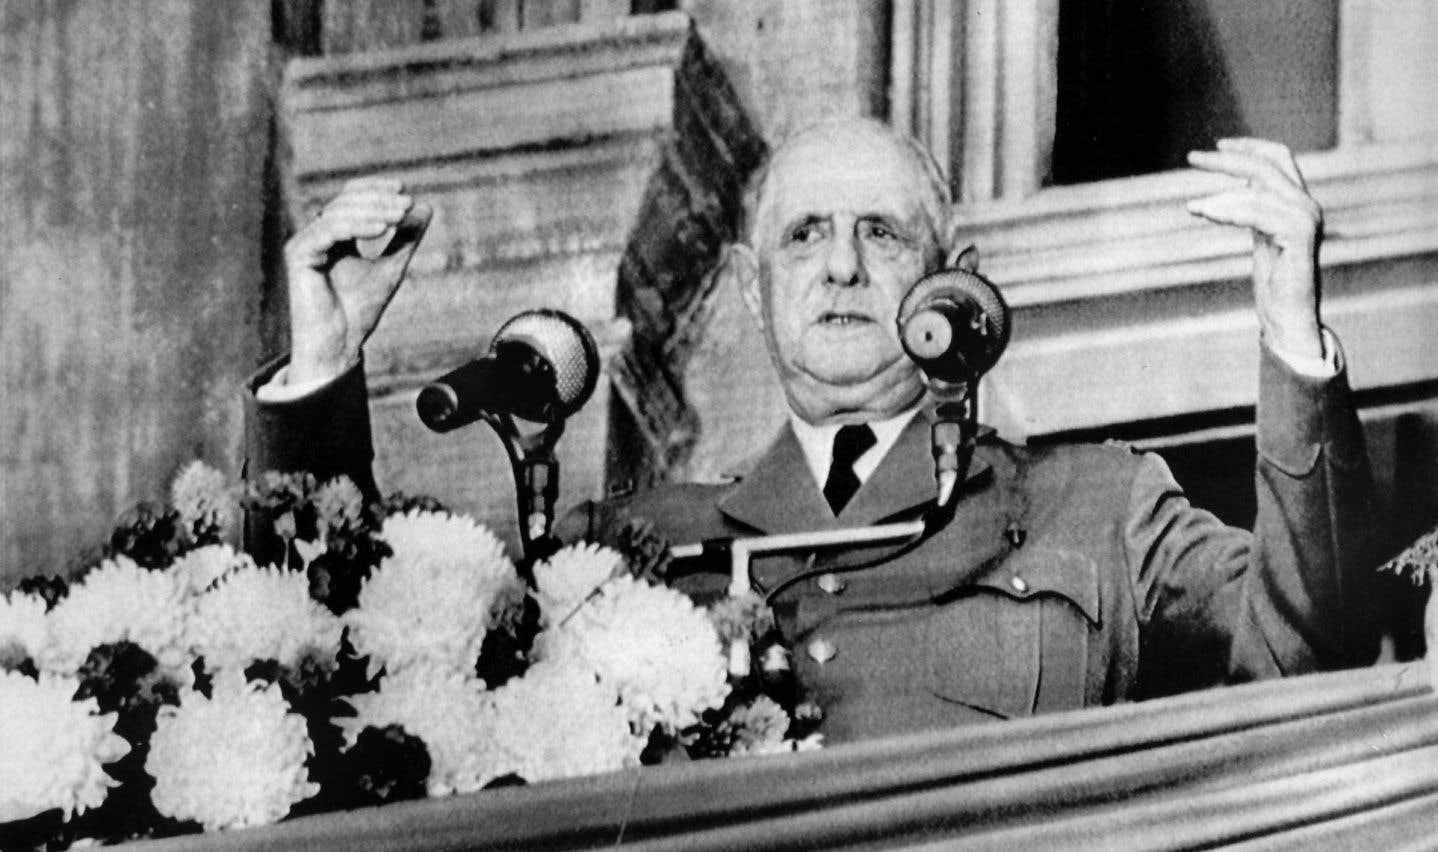 Le général de Gaulle a lancé son célèbre «Vive le Québec libre» le 24 juillet 1967 du haut du balcon de l'hôtel de ville de Montréal.